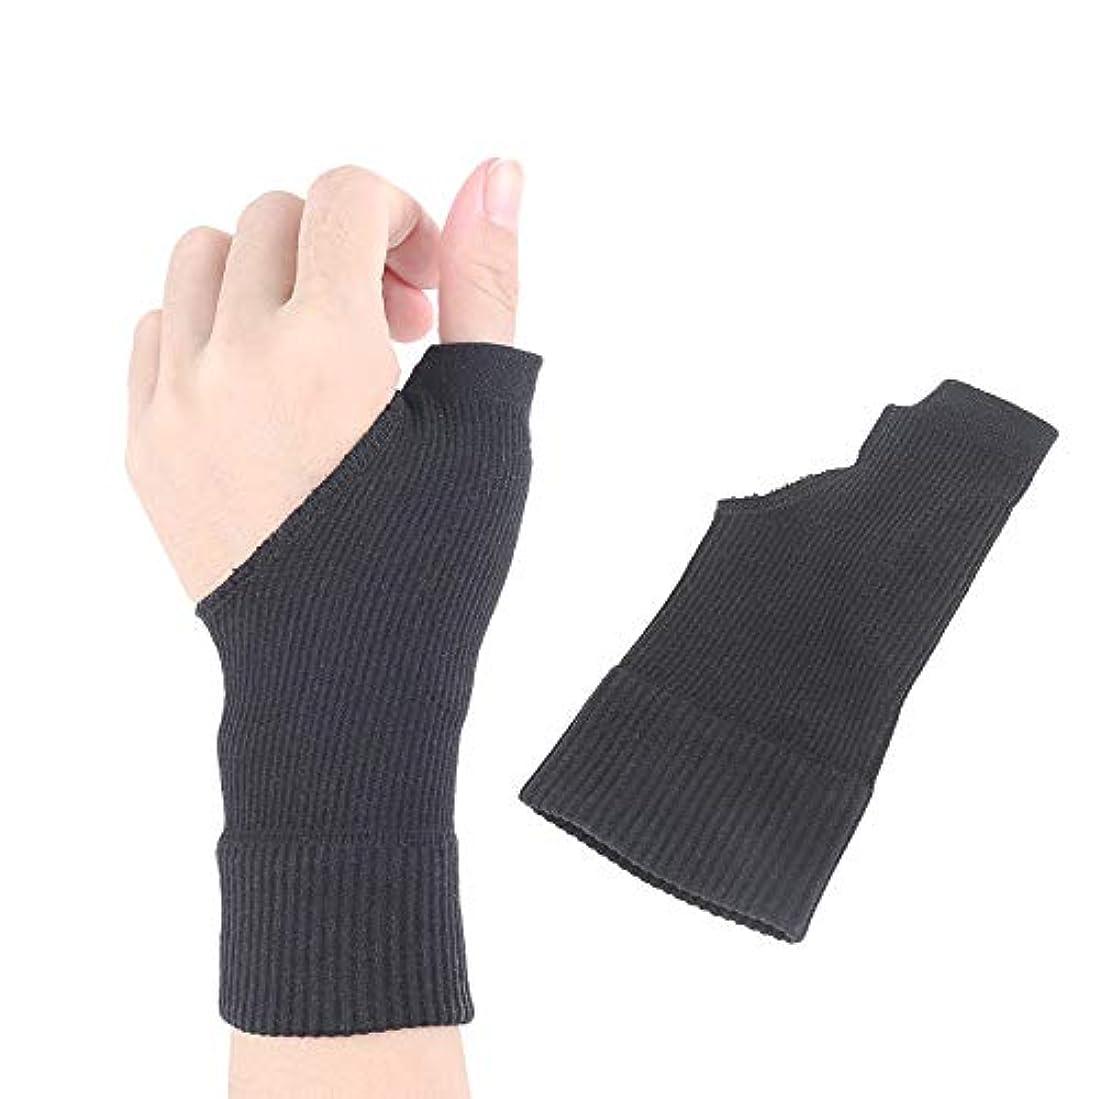 最後のギャング緯度手首と親指のサポート、関節炎、関節痛、腱炎、捻挫、手の不安定性に最適、女性男性用パック2